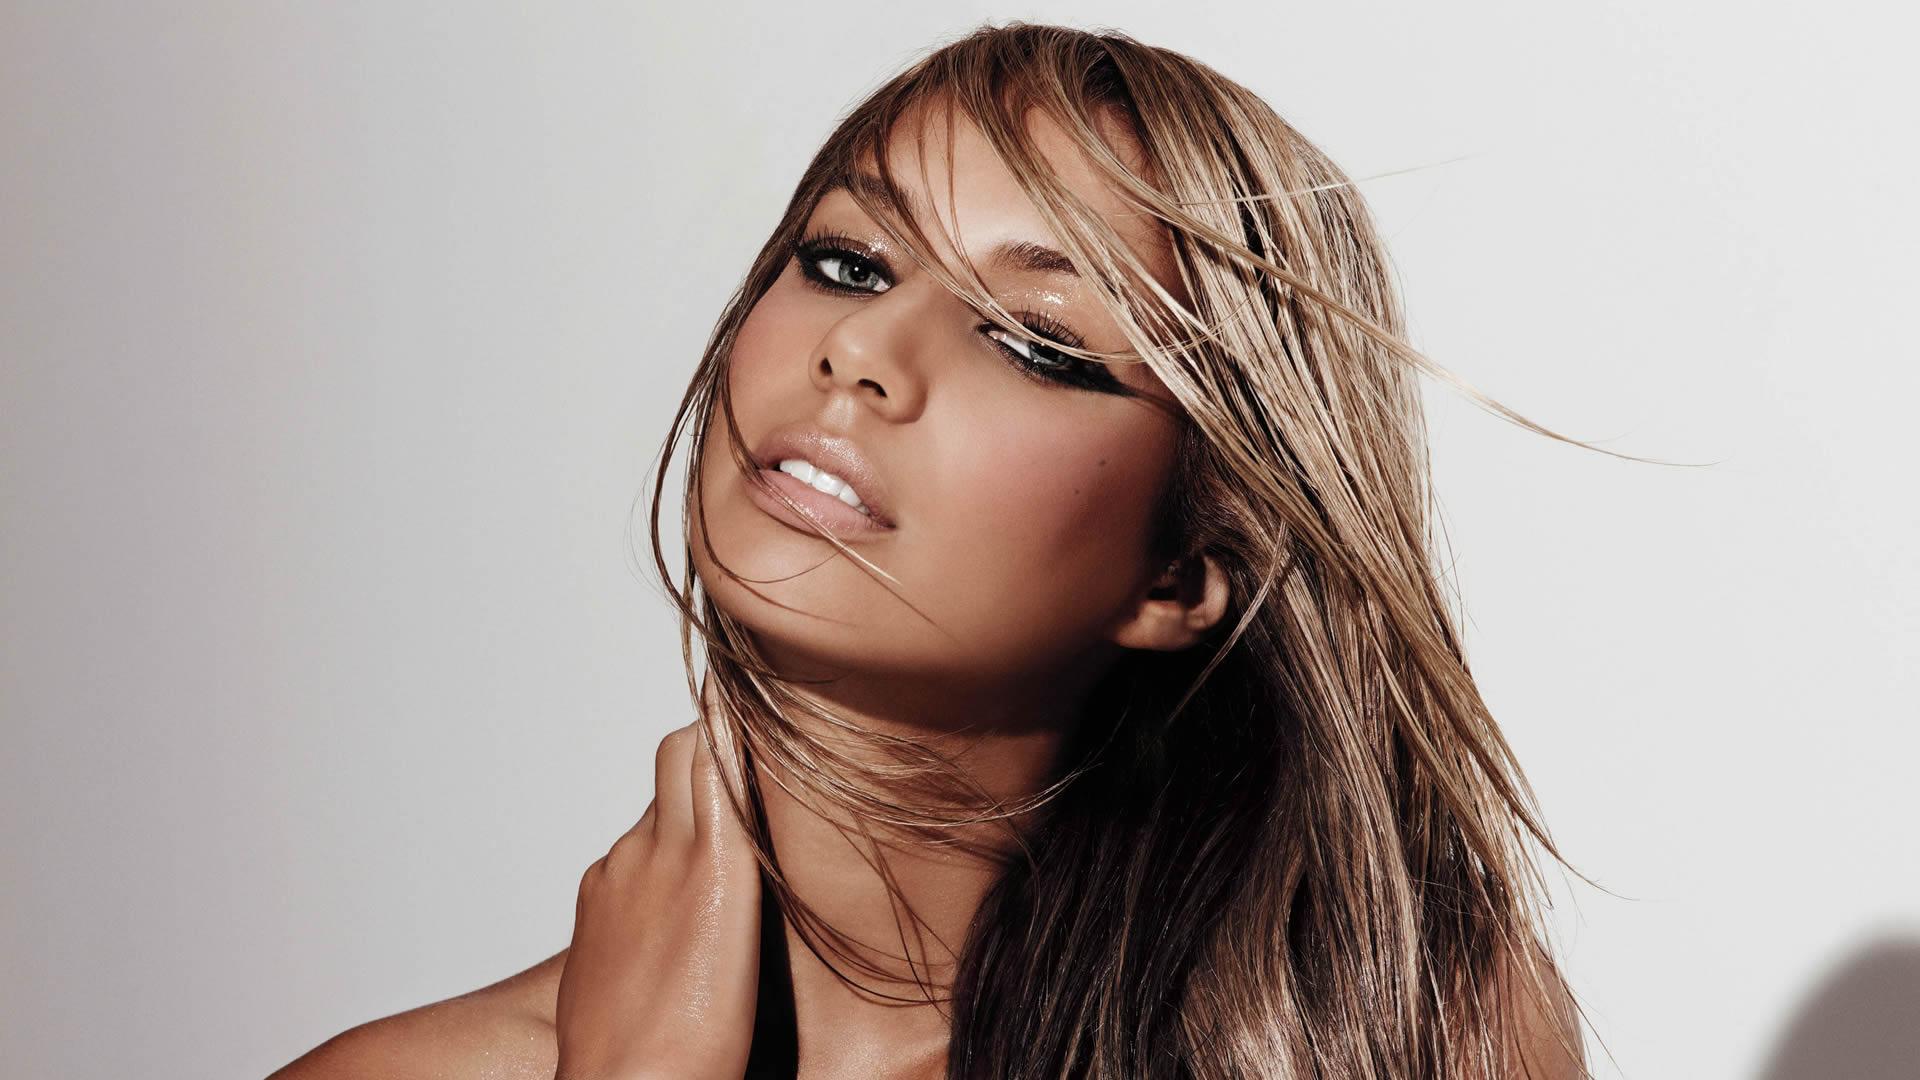 Thunder av Leona Lewis